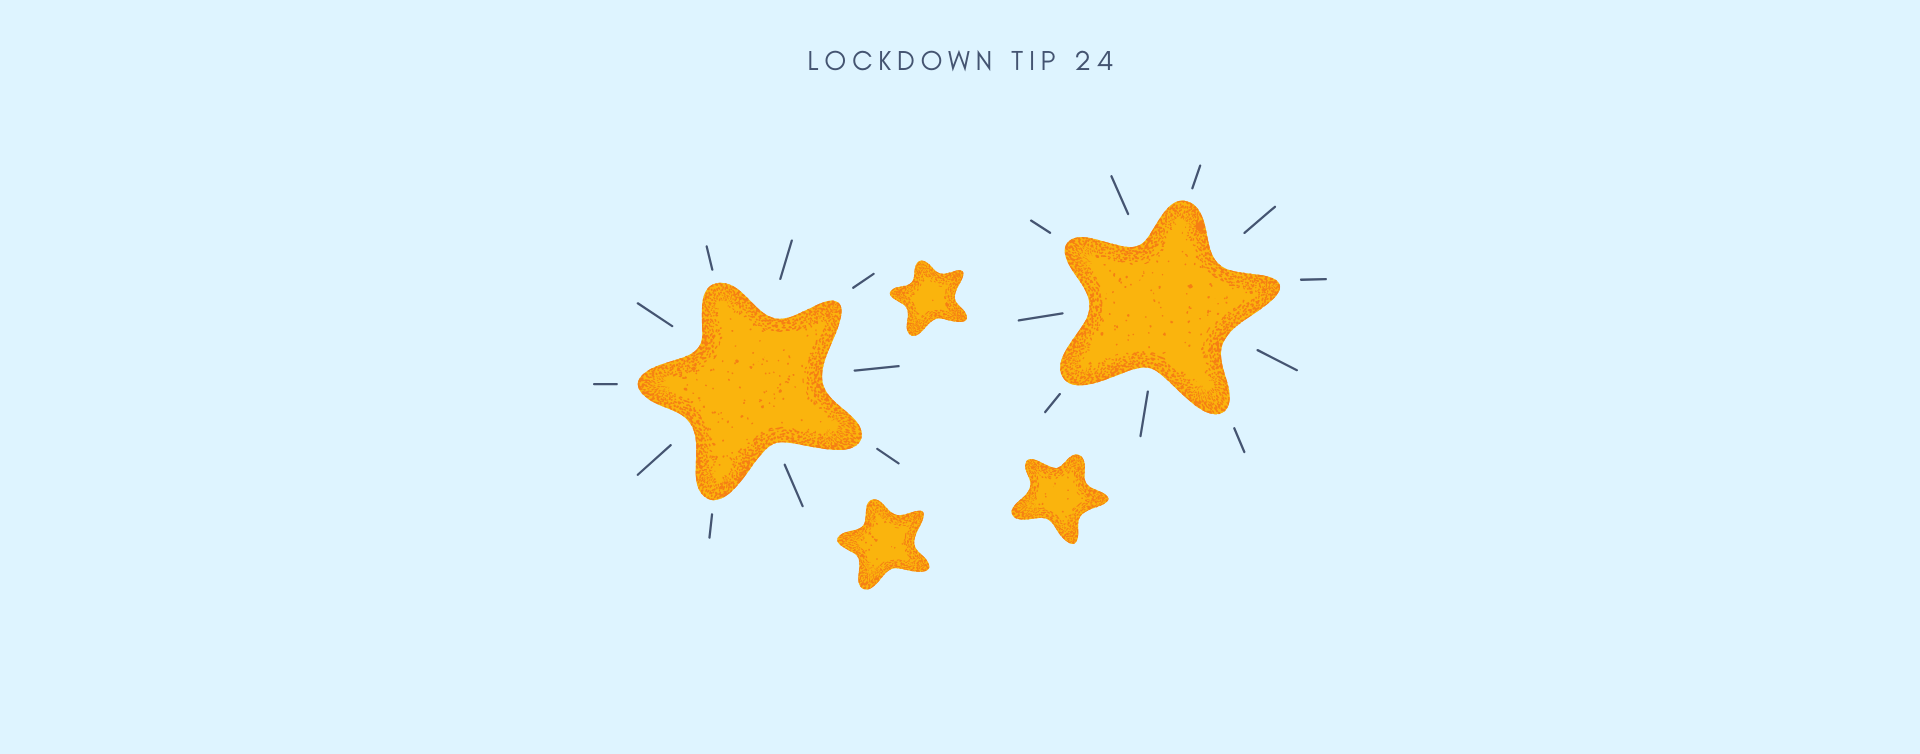 MCSA Lockdown Tip 24